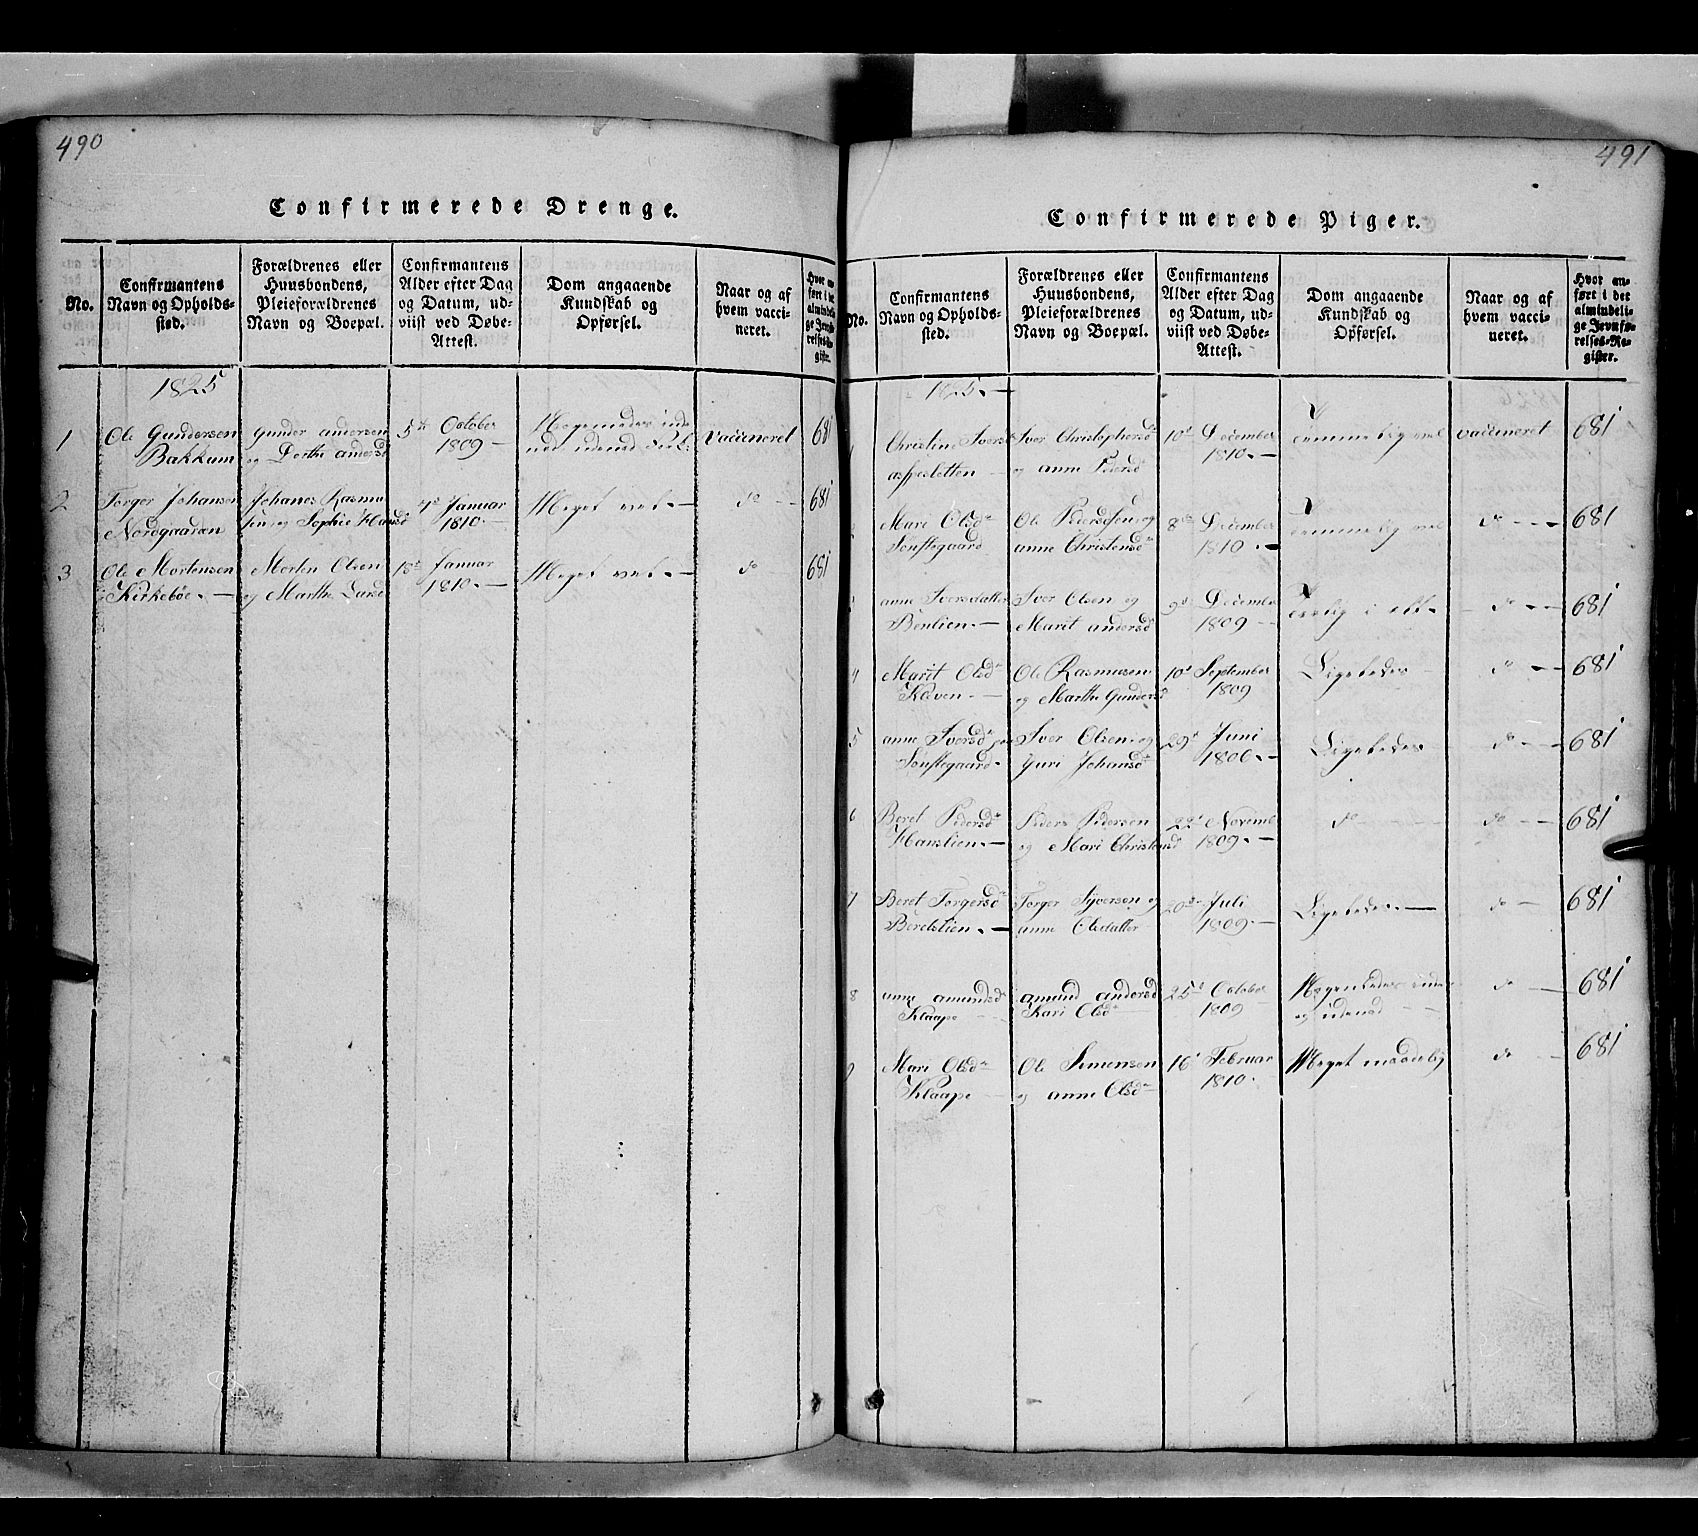 SAH, Gausdal prestekontor, Klokkerbok nr. 2, 1818-1874, s. 490-491